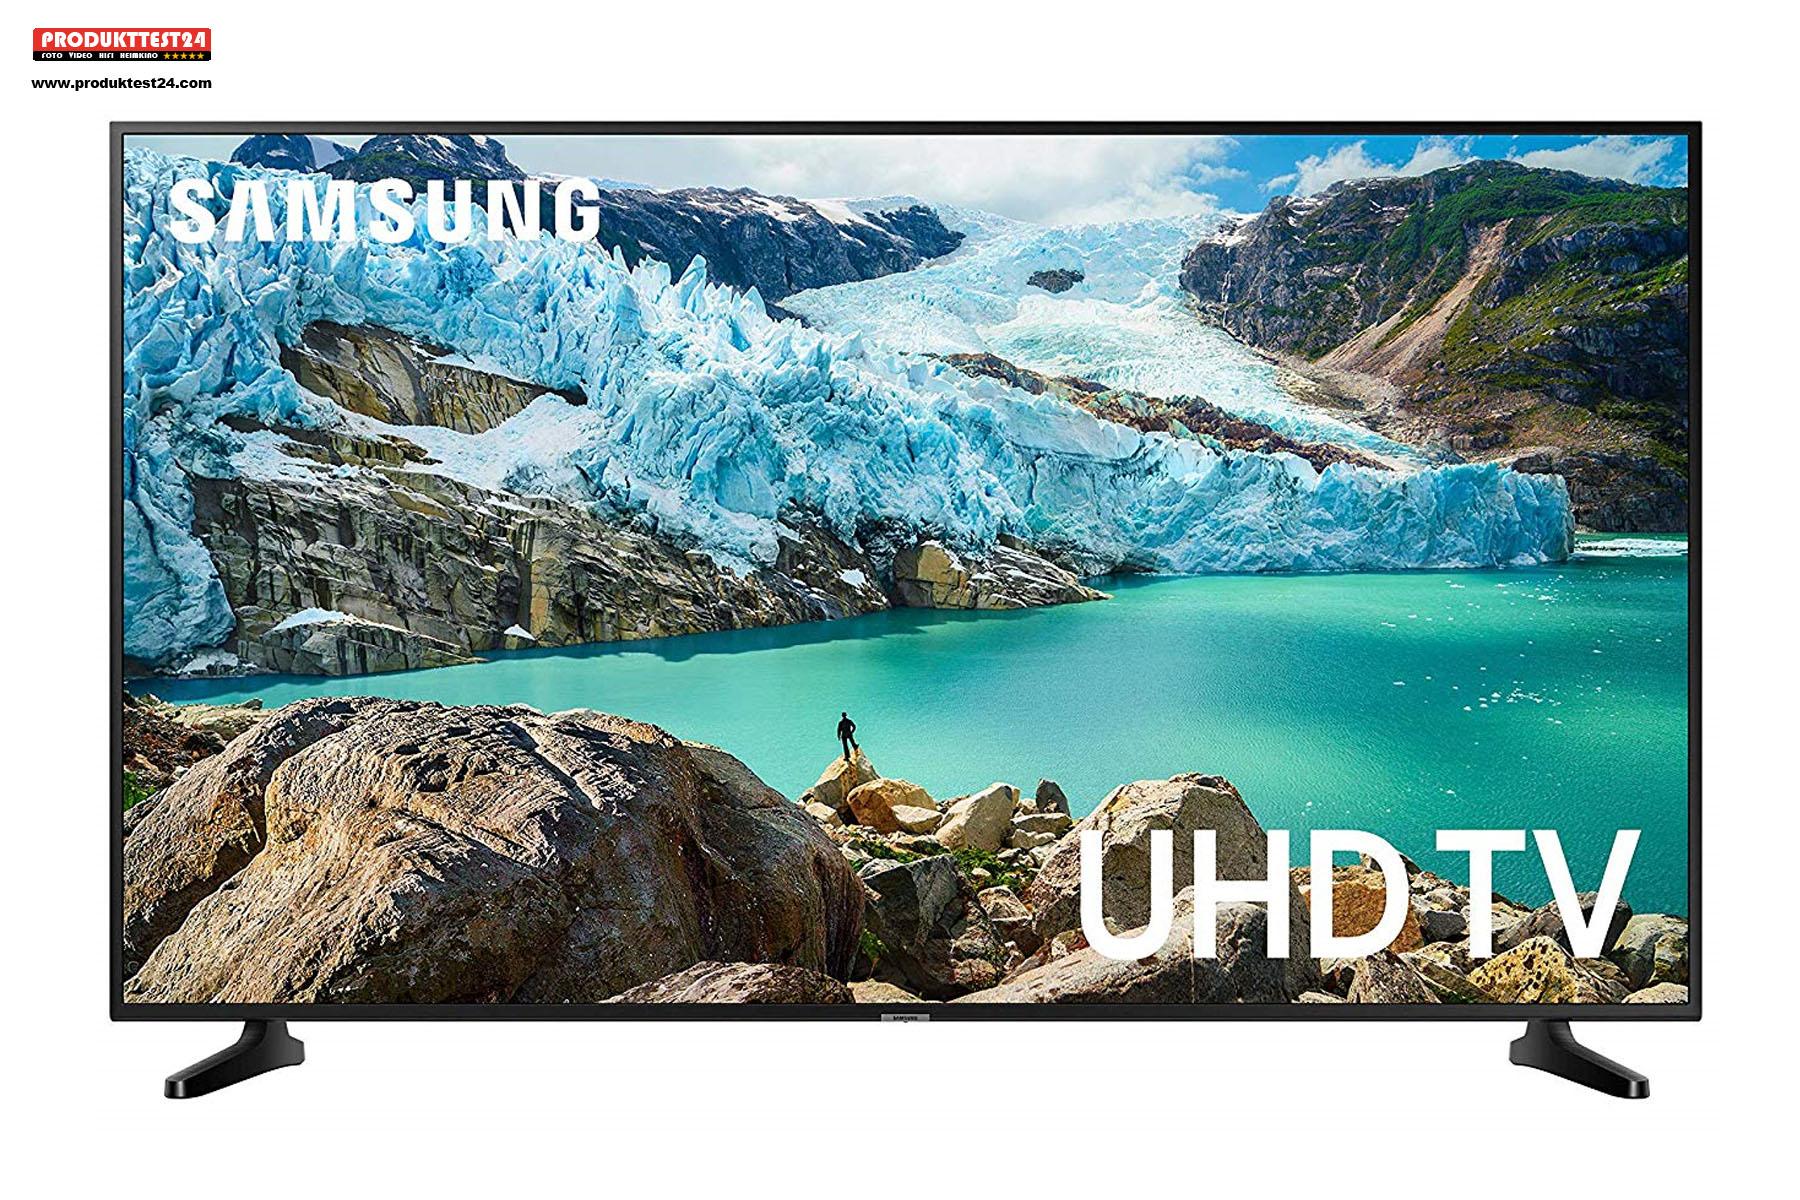 Samsung UHD 4K-Fernseher mit 75 Zoll, Triple Tuner und SmartTV